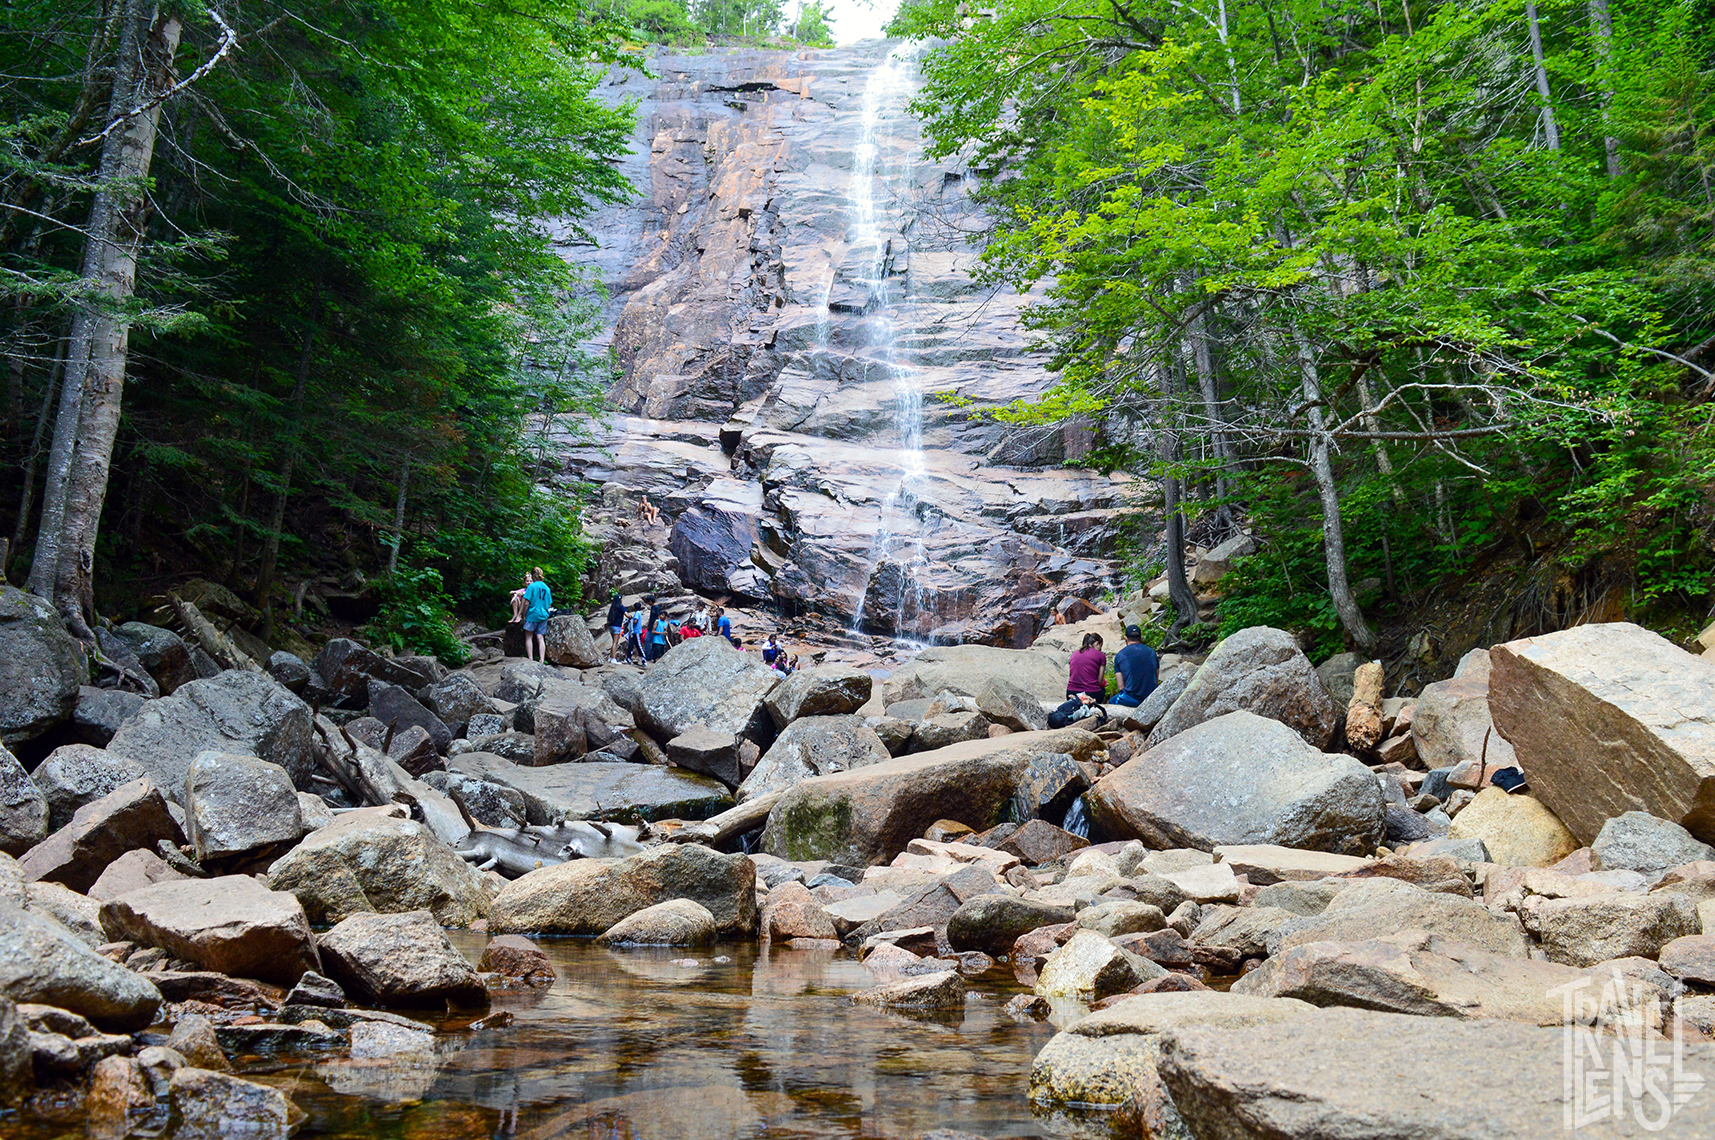 Arethusa Falls